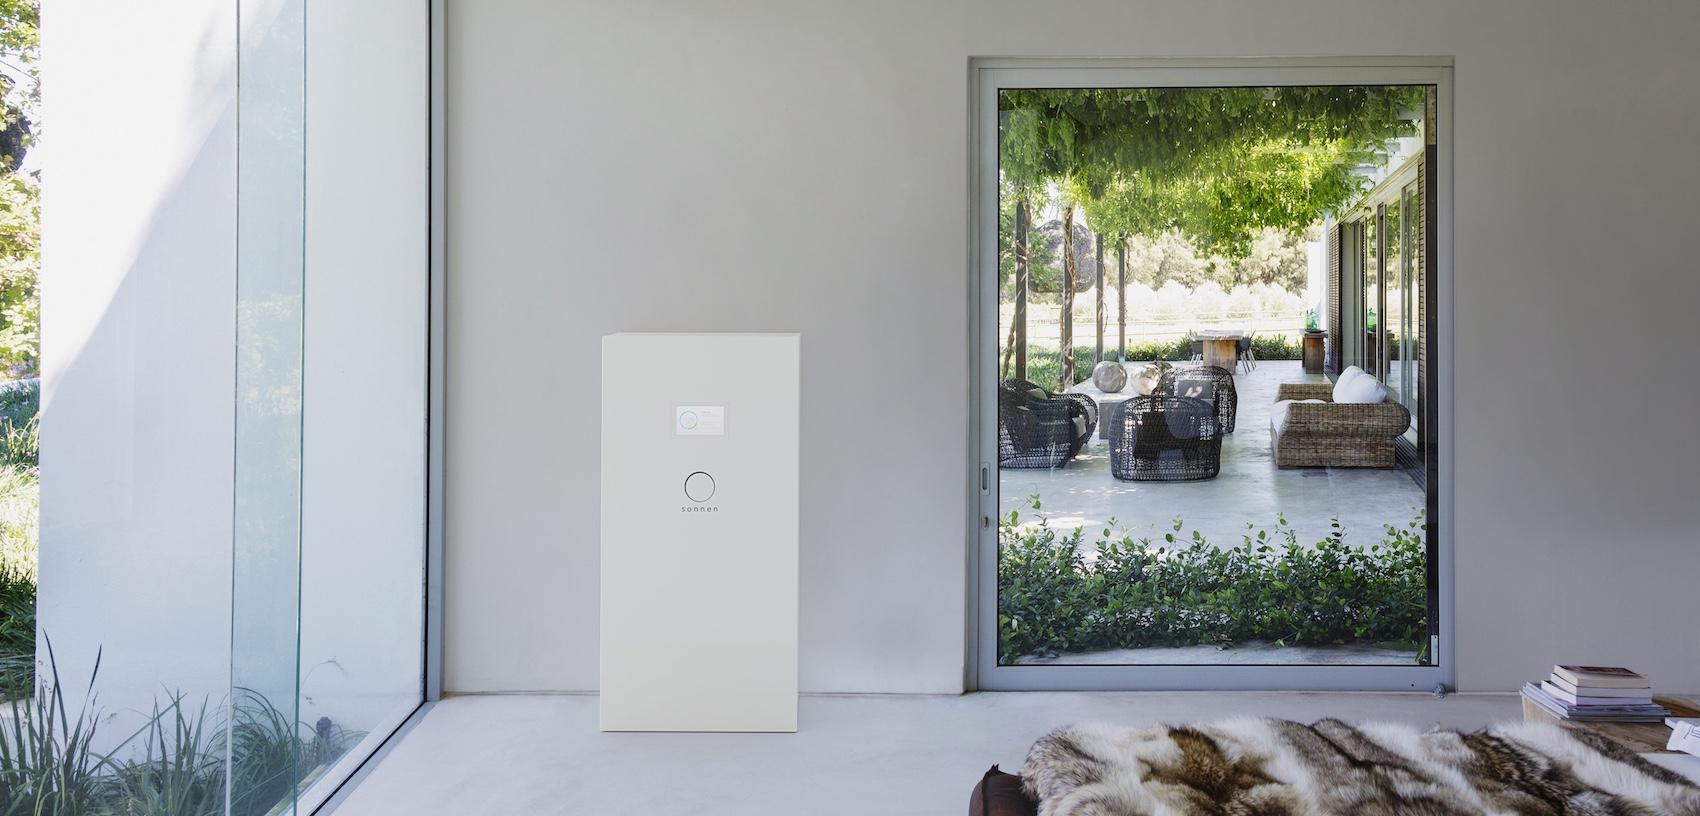 battery-smart-home.jpg